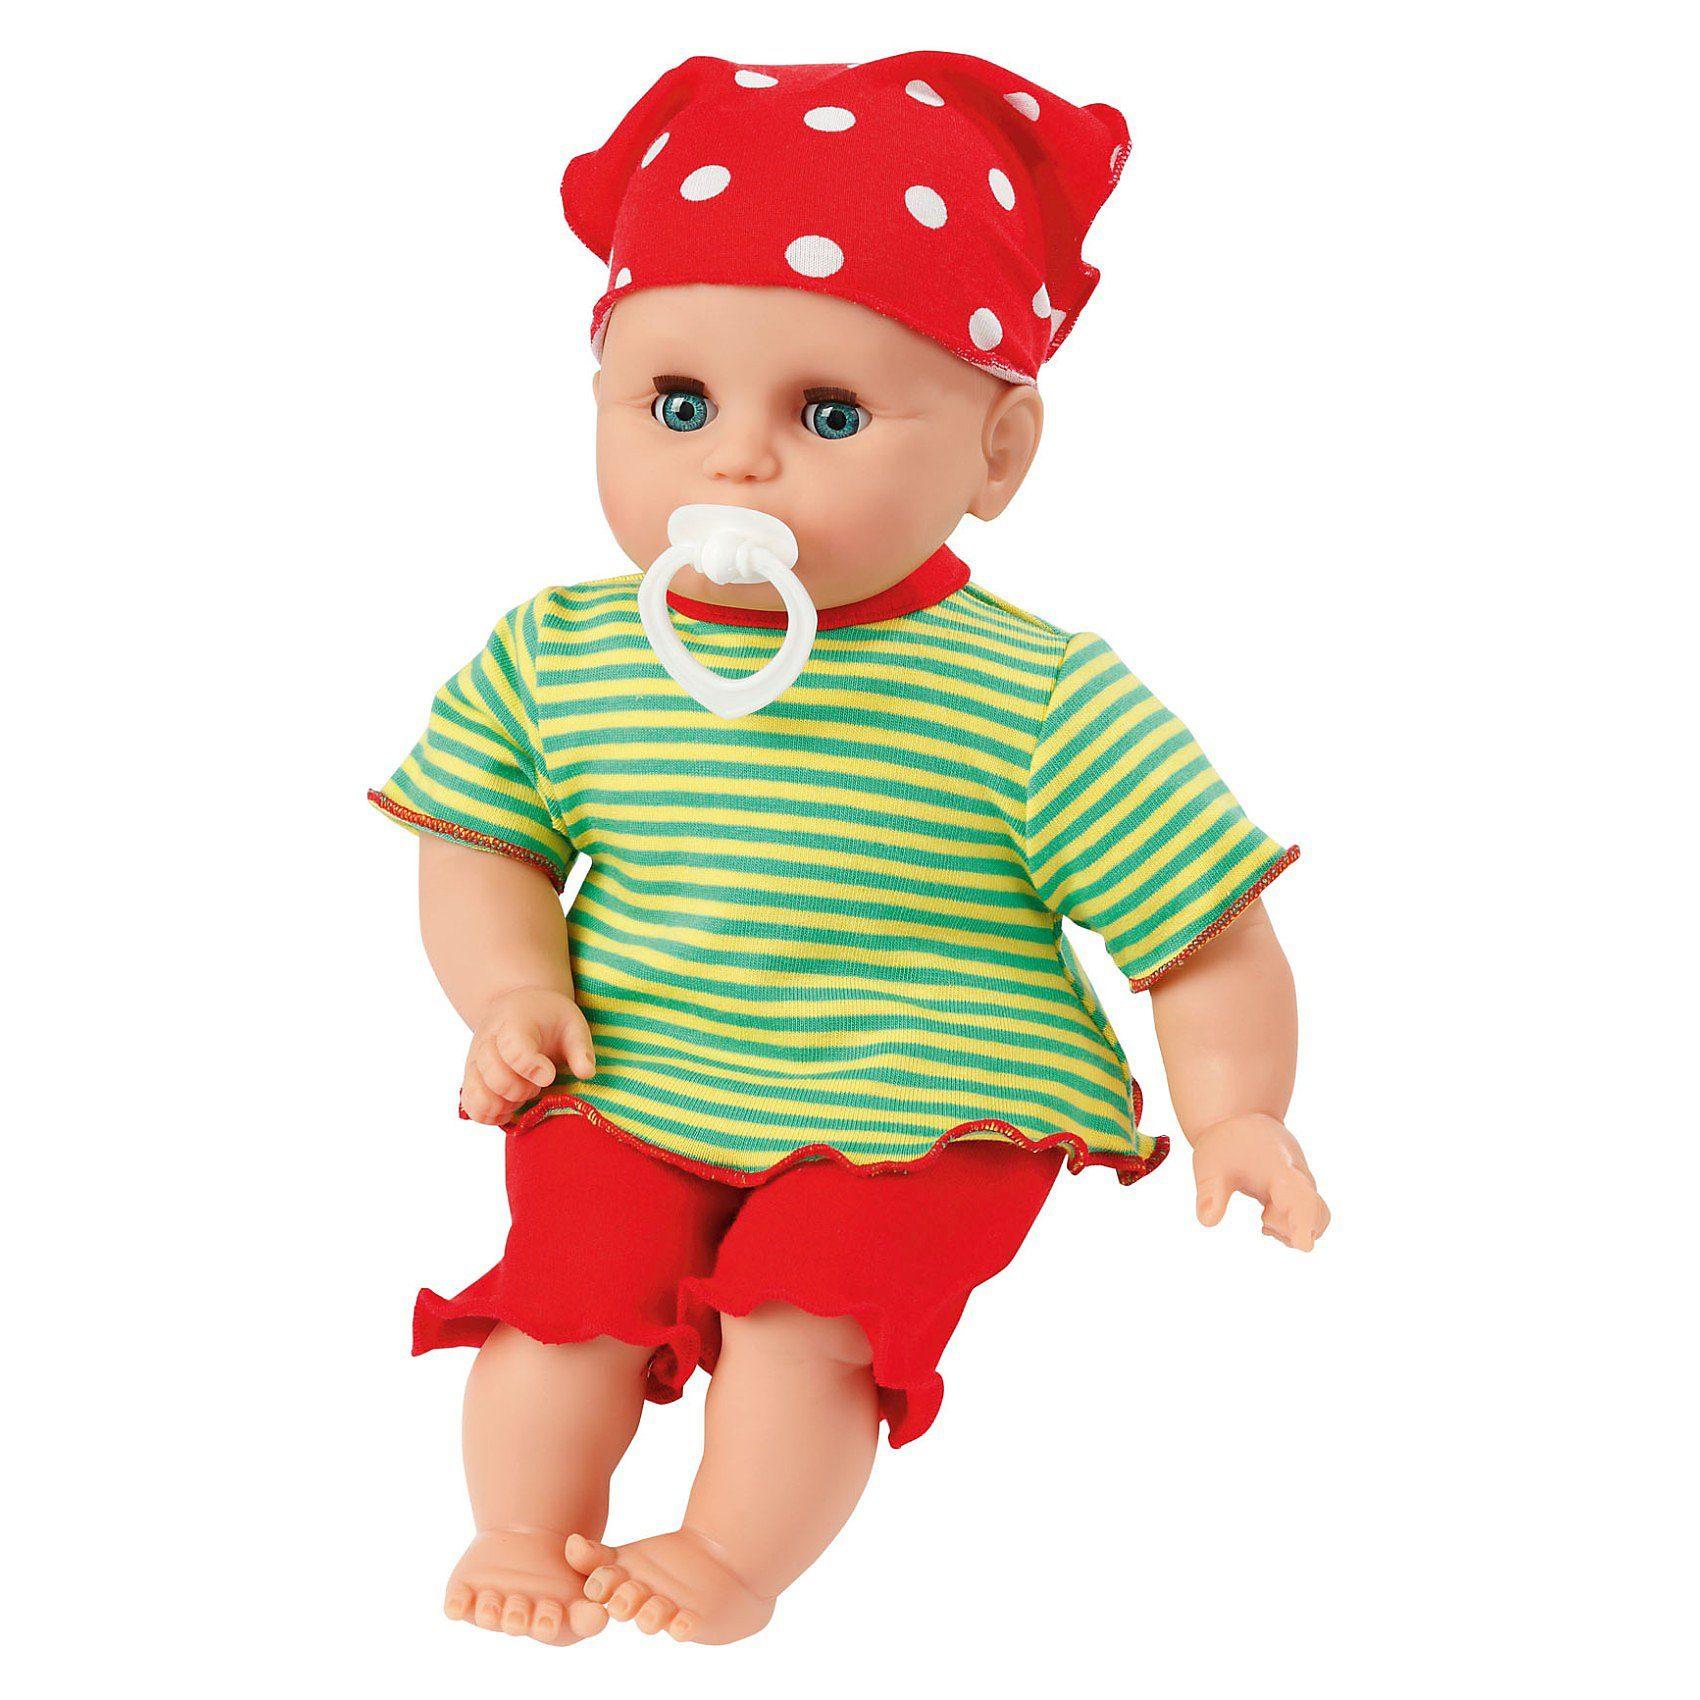 Emil Schwenk Babypuppe Girl Frechdachs, 32 cm